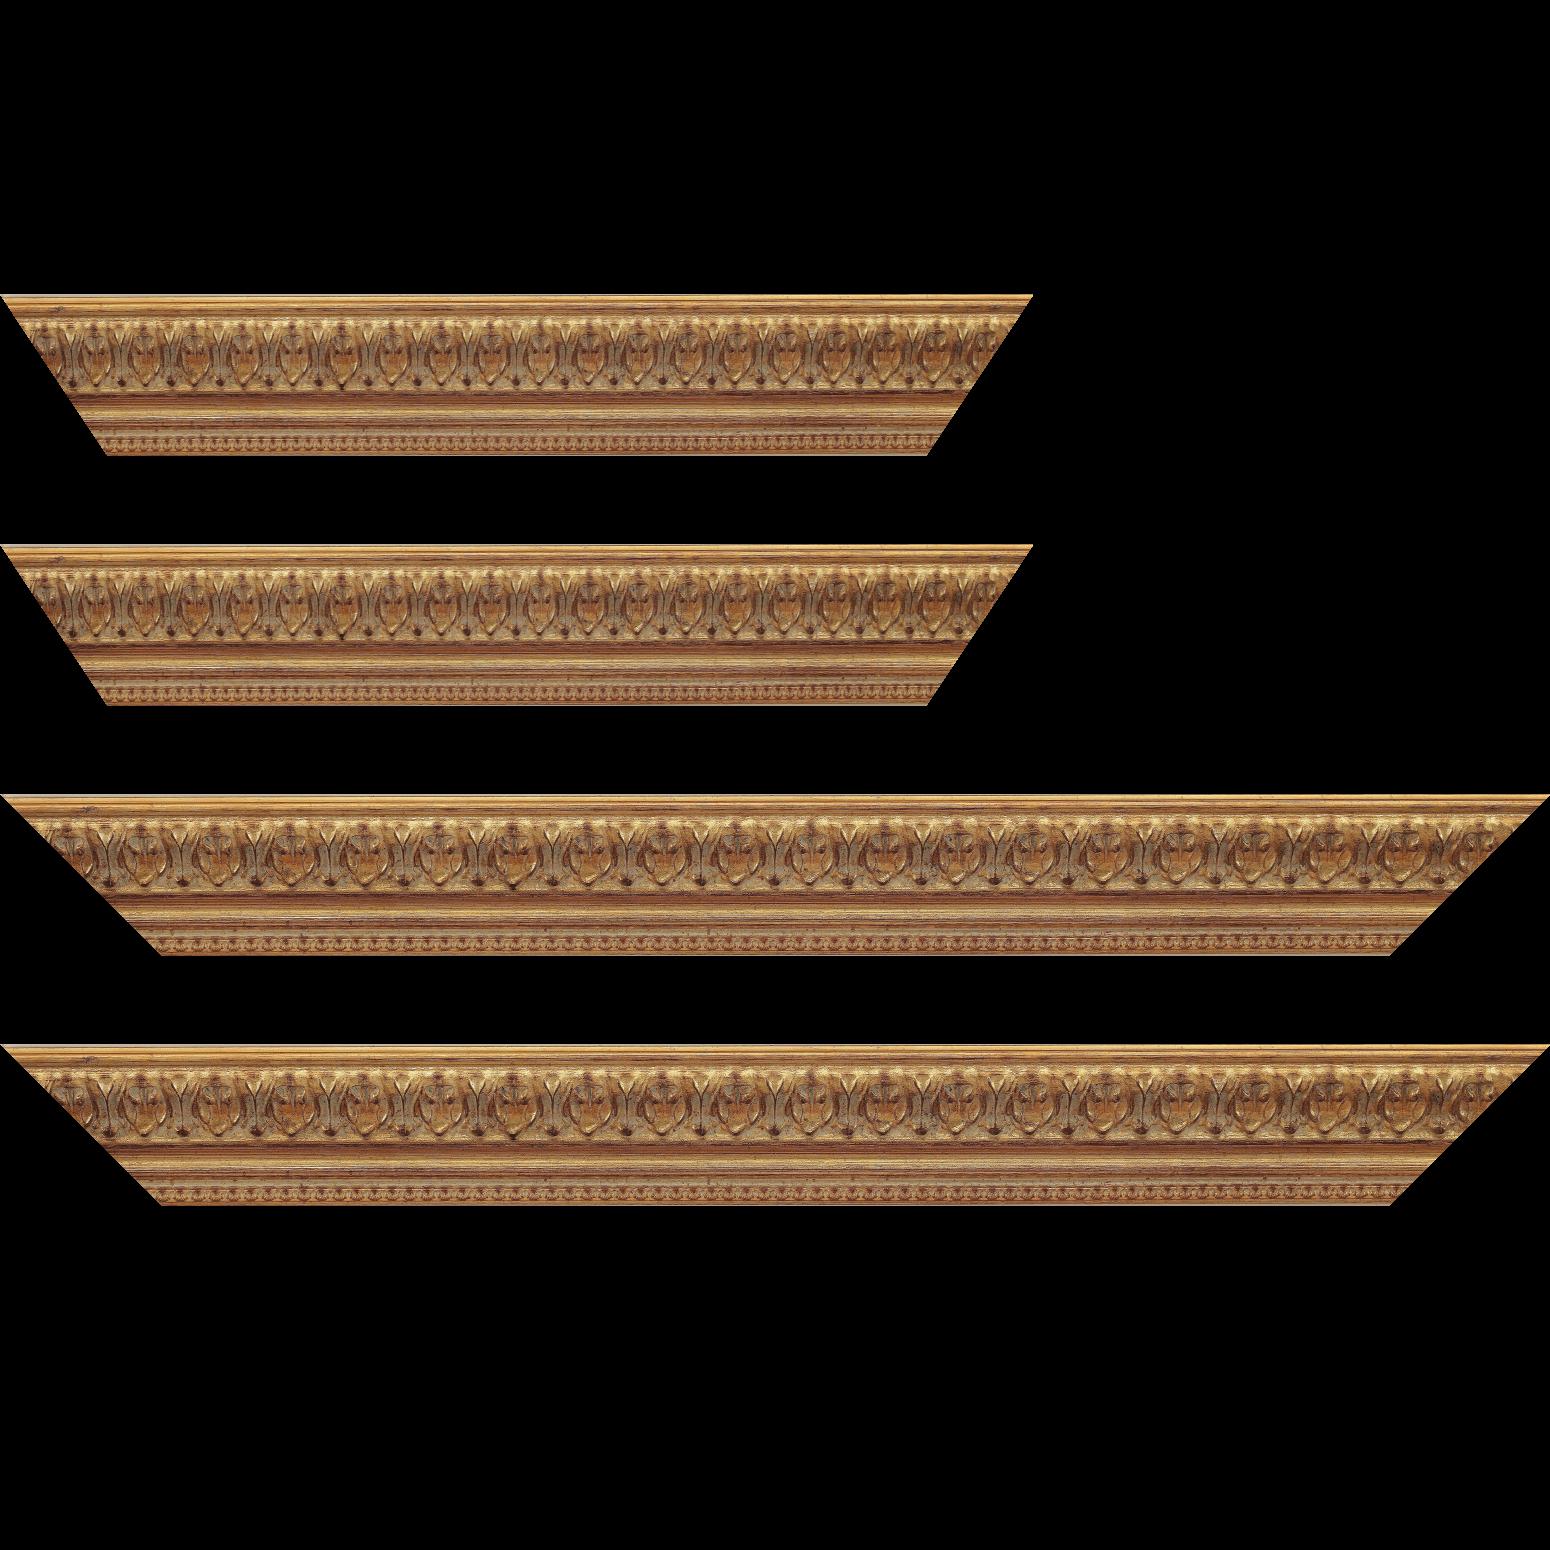 Baguette service précoupé Bois profil incurvé largeur 5.1cm or antique à la feuille style